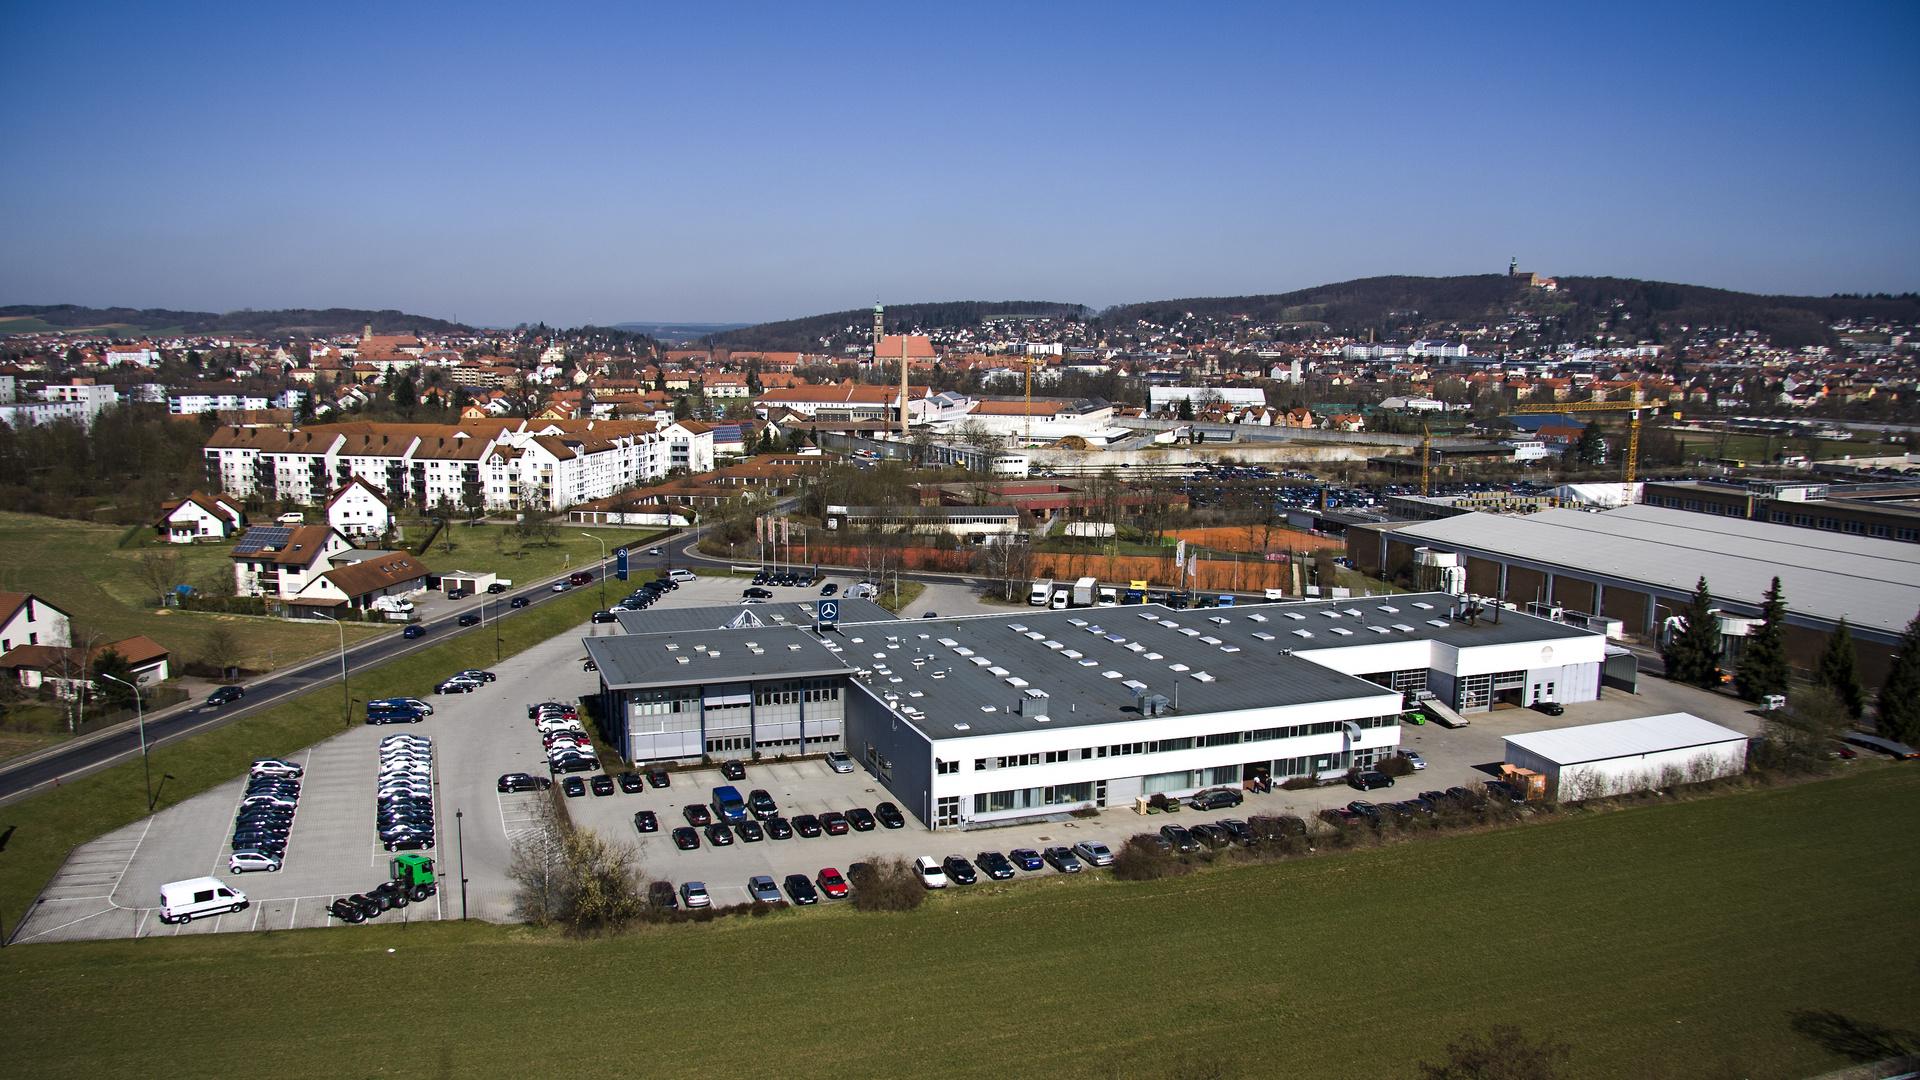 Amberg vom Industriegebiet Süd aus gesehen Foto & Bild